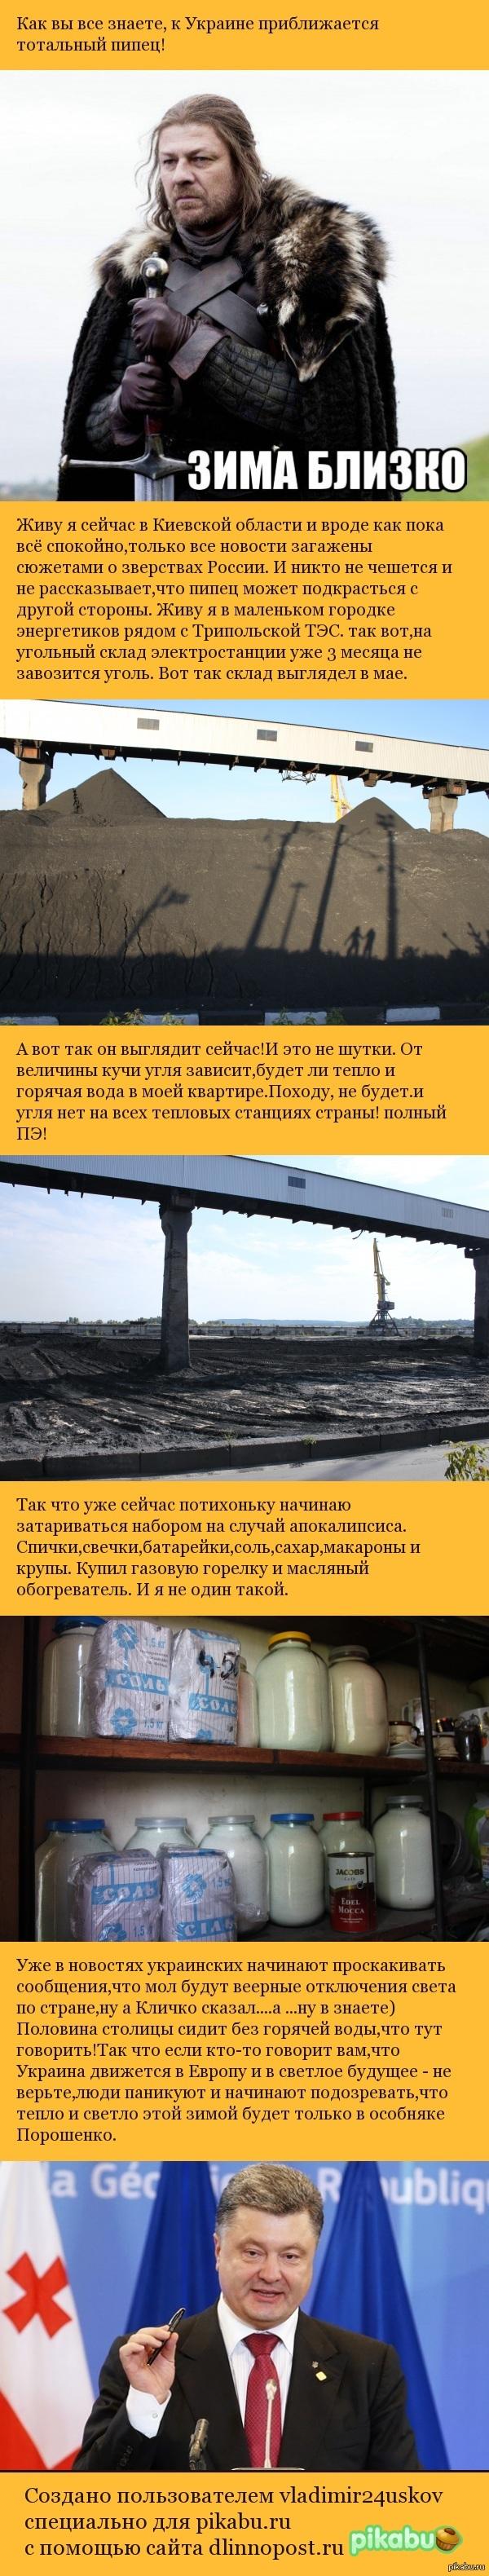 Ахтунг! Украине замёрзнет через 2 месяца!